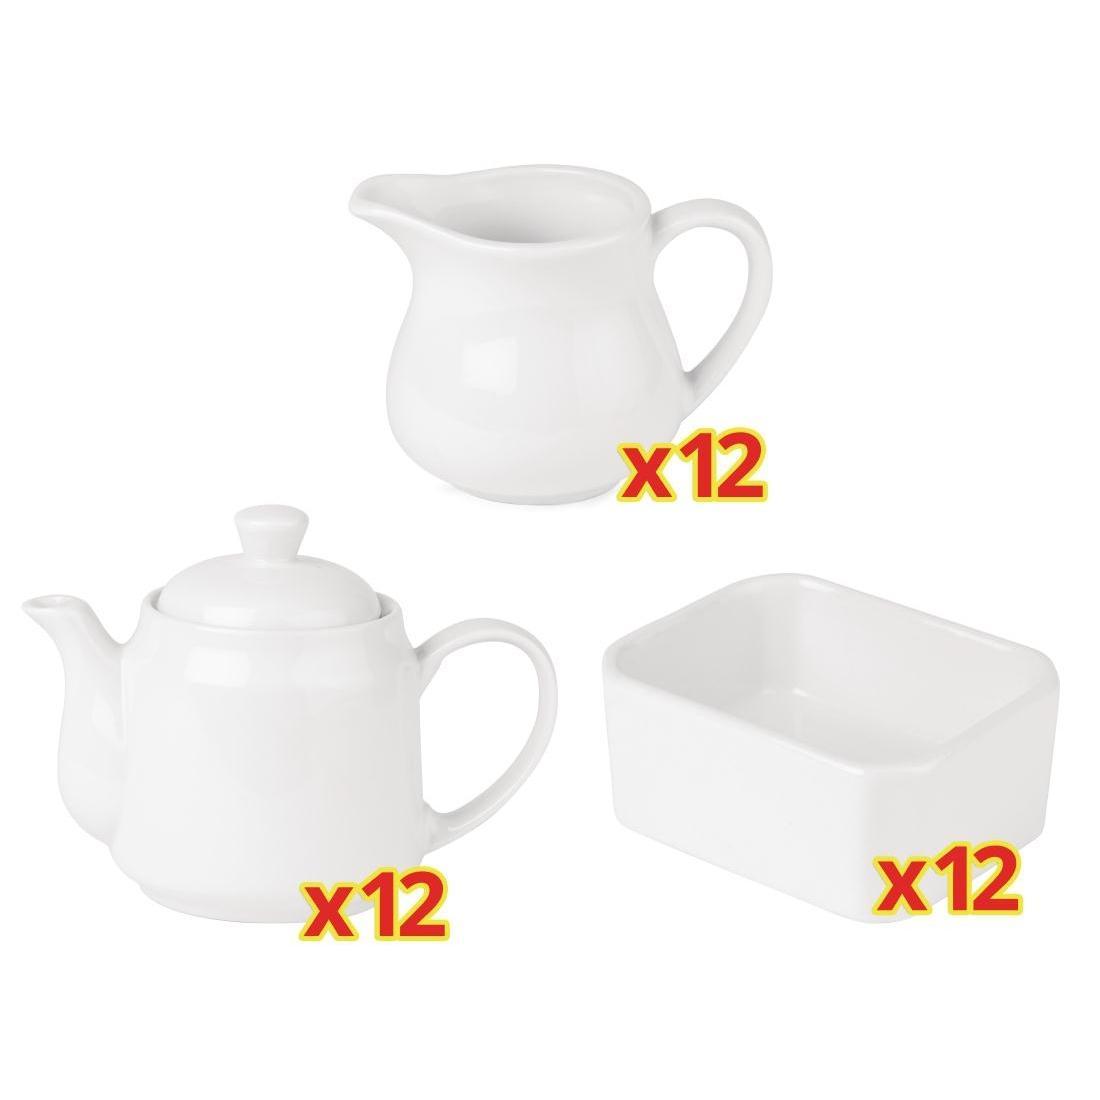 Combo para servir el té: Tetera, Lechera y soporte para sobres Athena Hotelware S709 (Pack de 12)